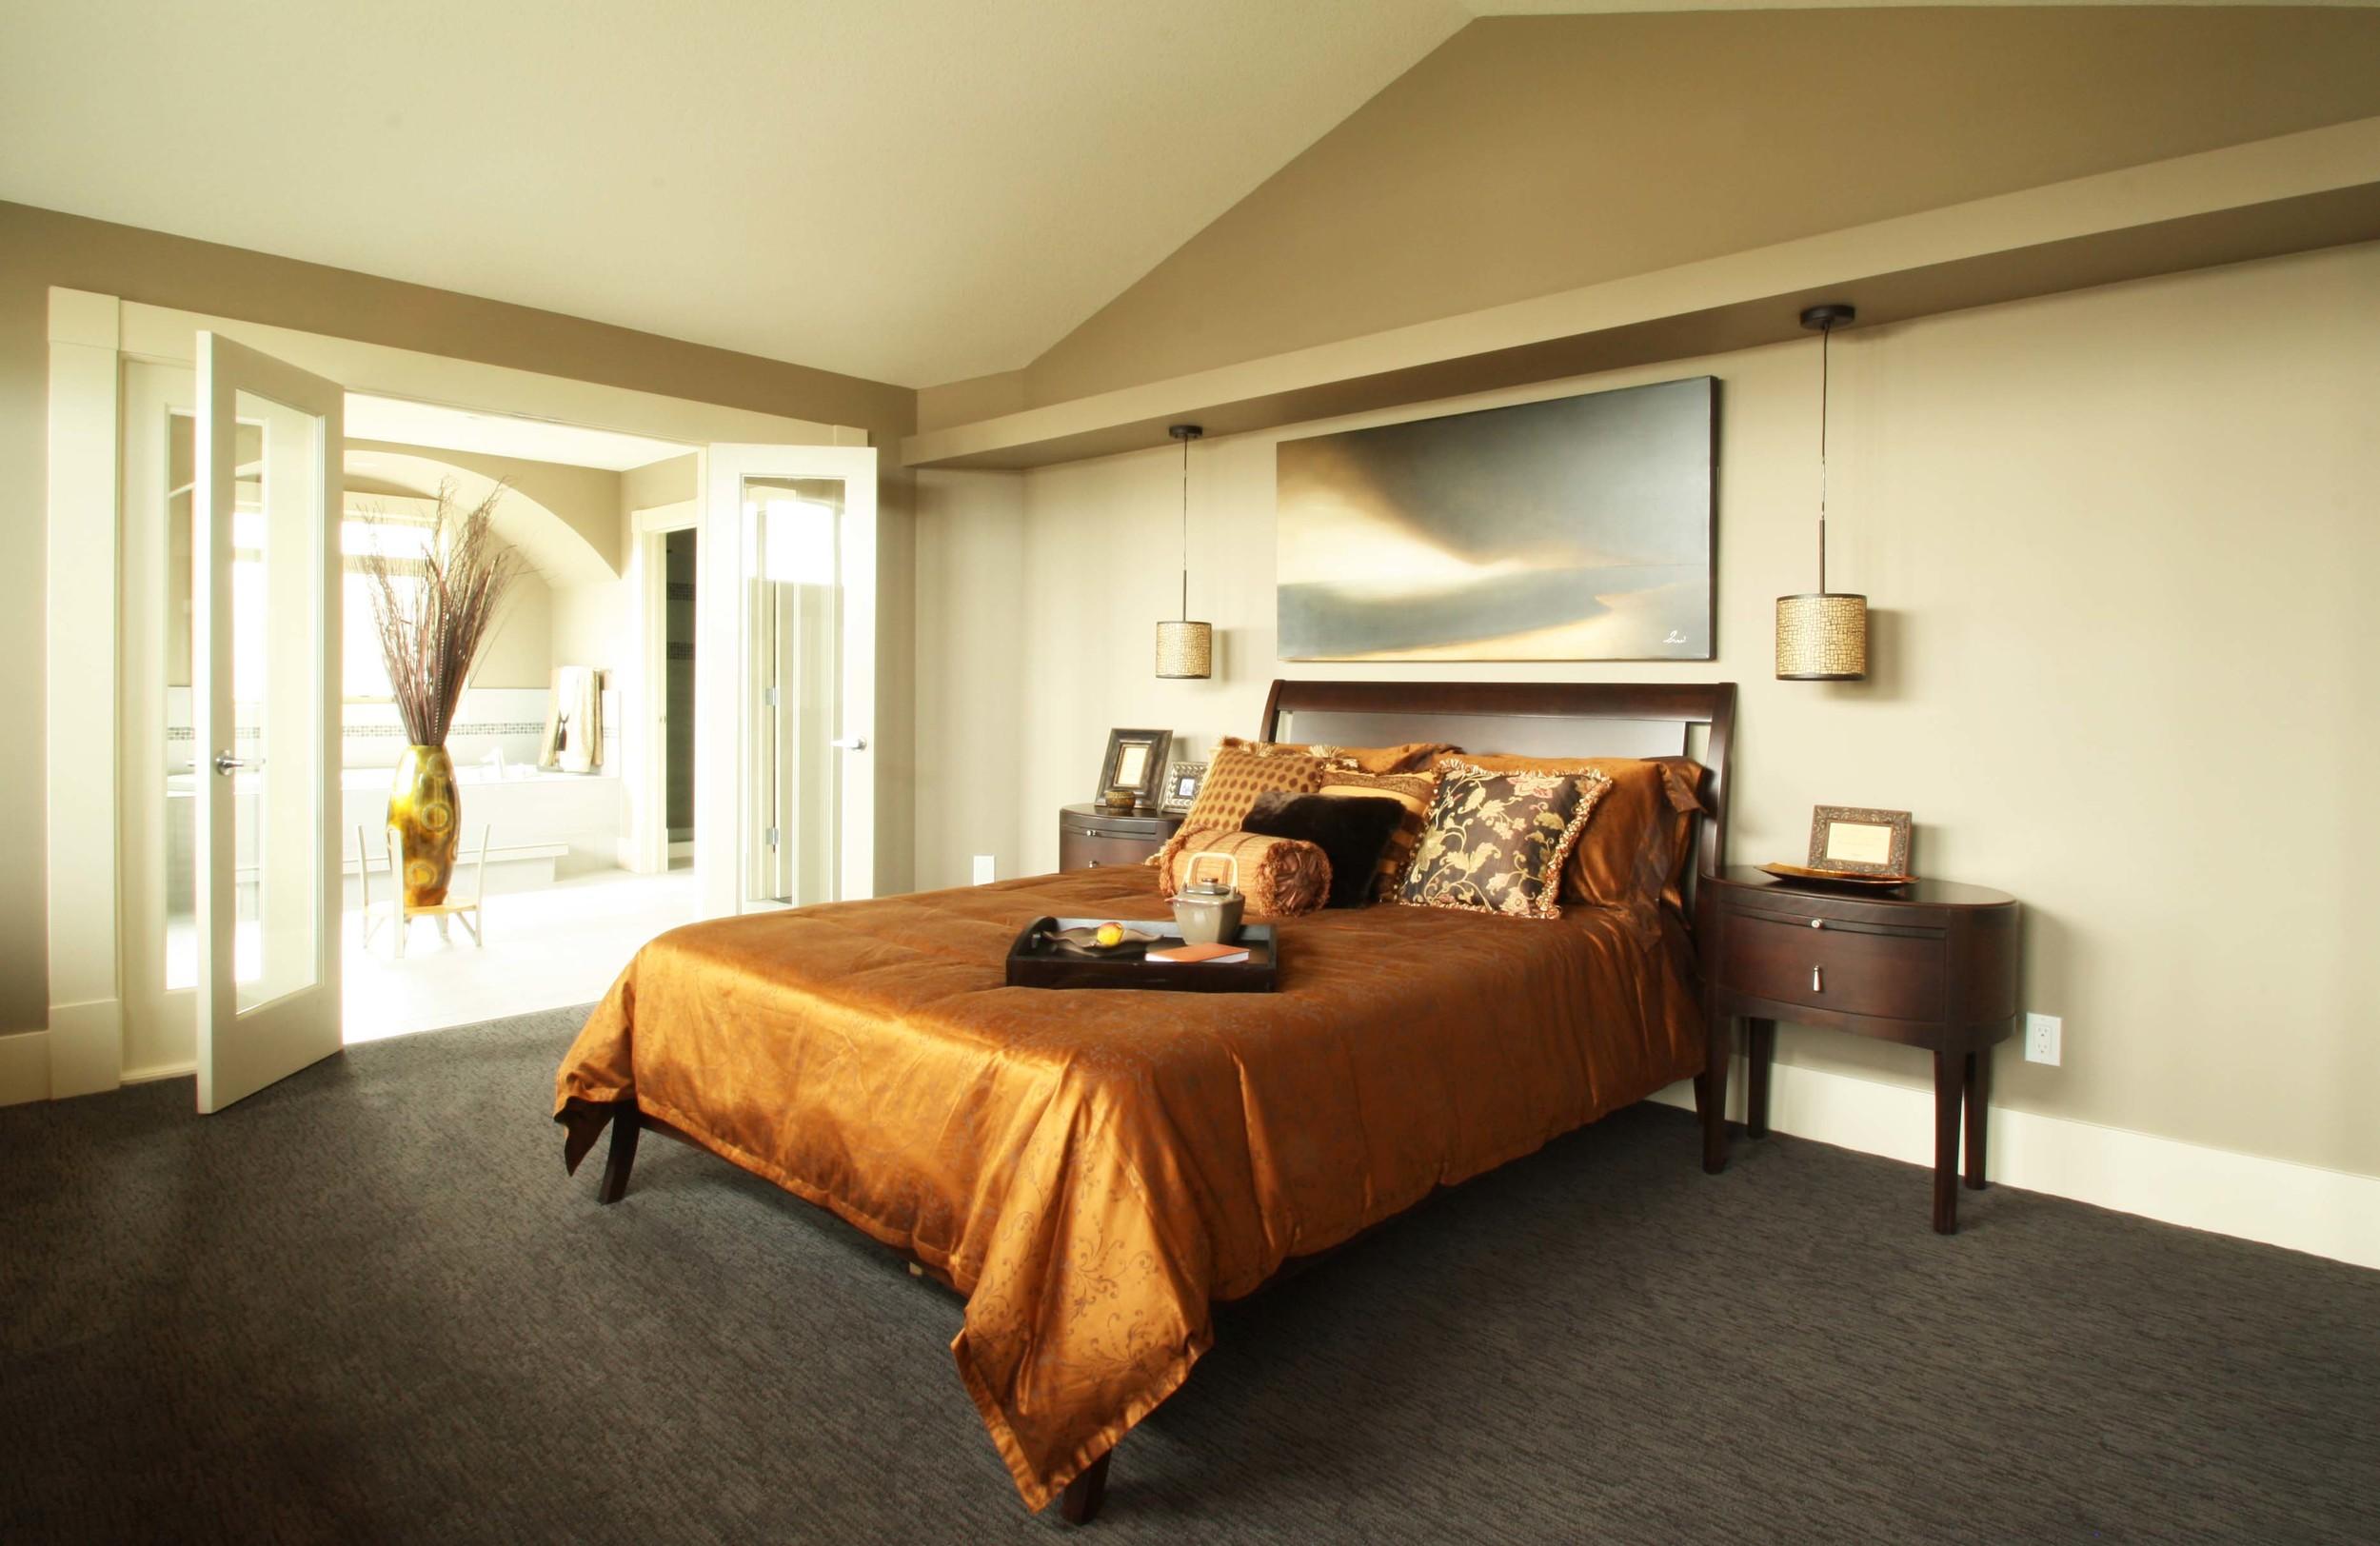 master bedroom edit 2.jpg